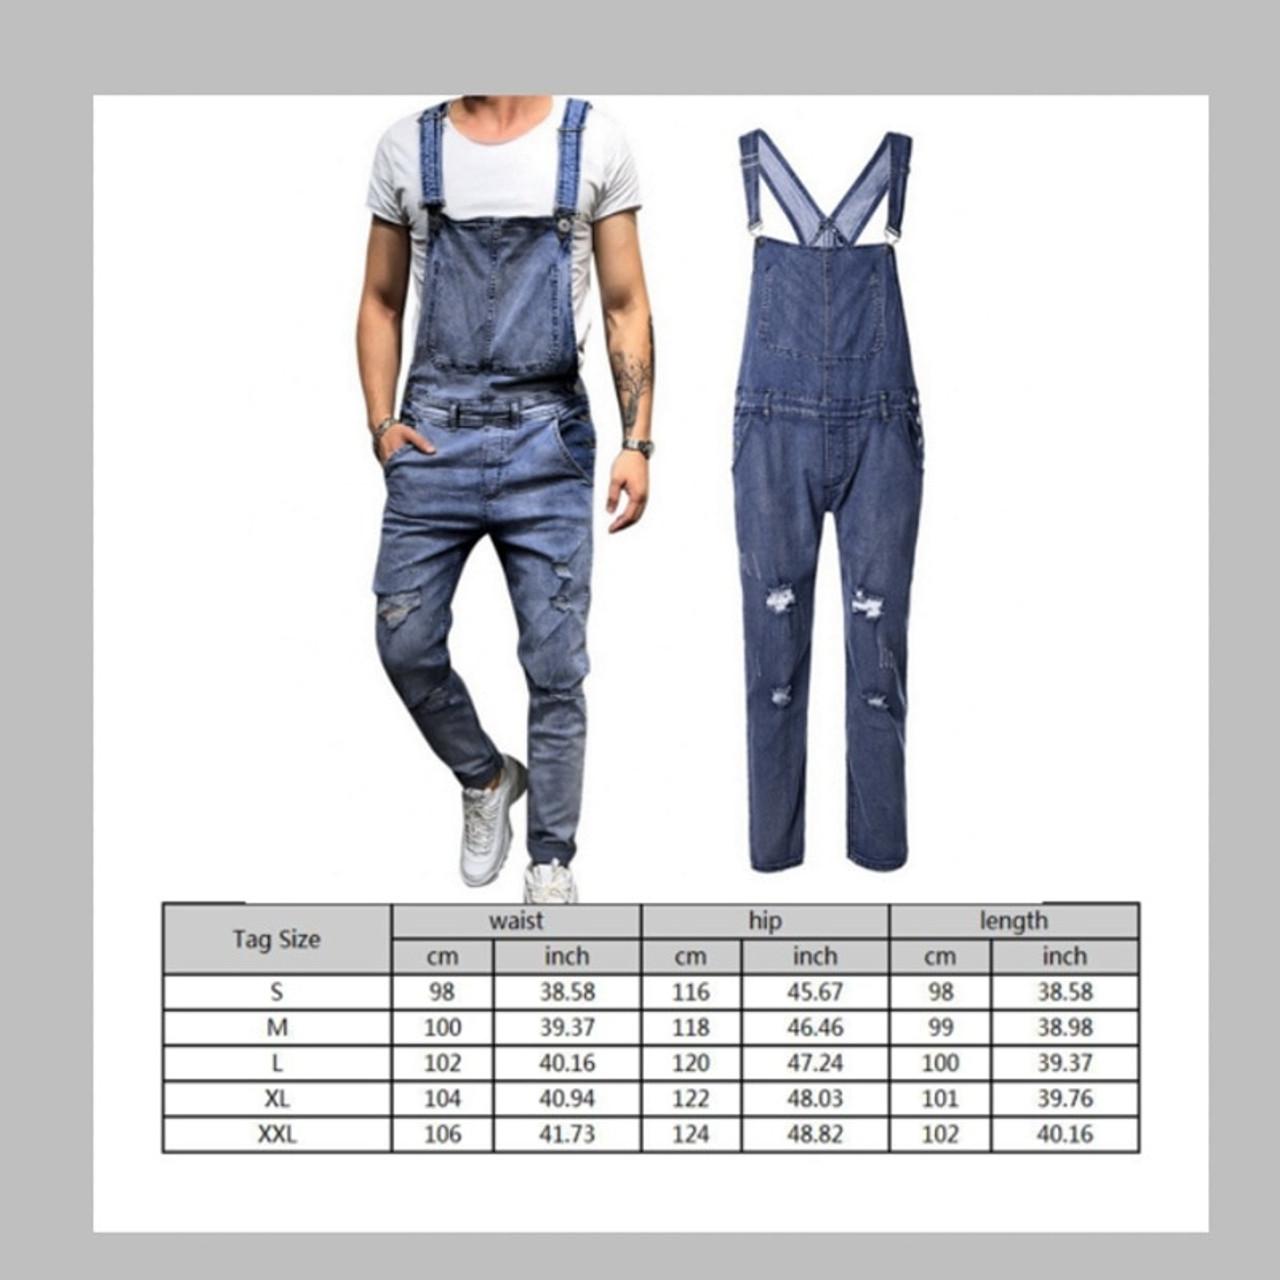 b7429ac1de5f44 MoneRffi Mens Ripped Jeans Jumpsuits Spring Autumn Skinny Distressed Denim  Bib Overalls Male Suspender Pant Streetwear .